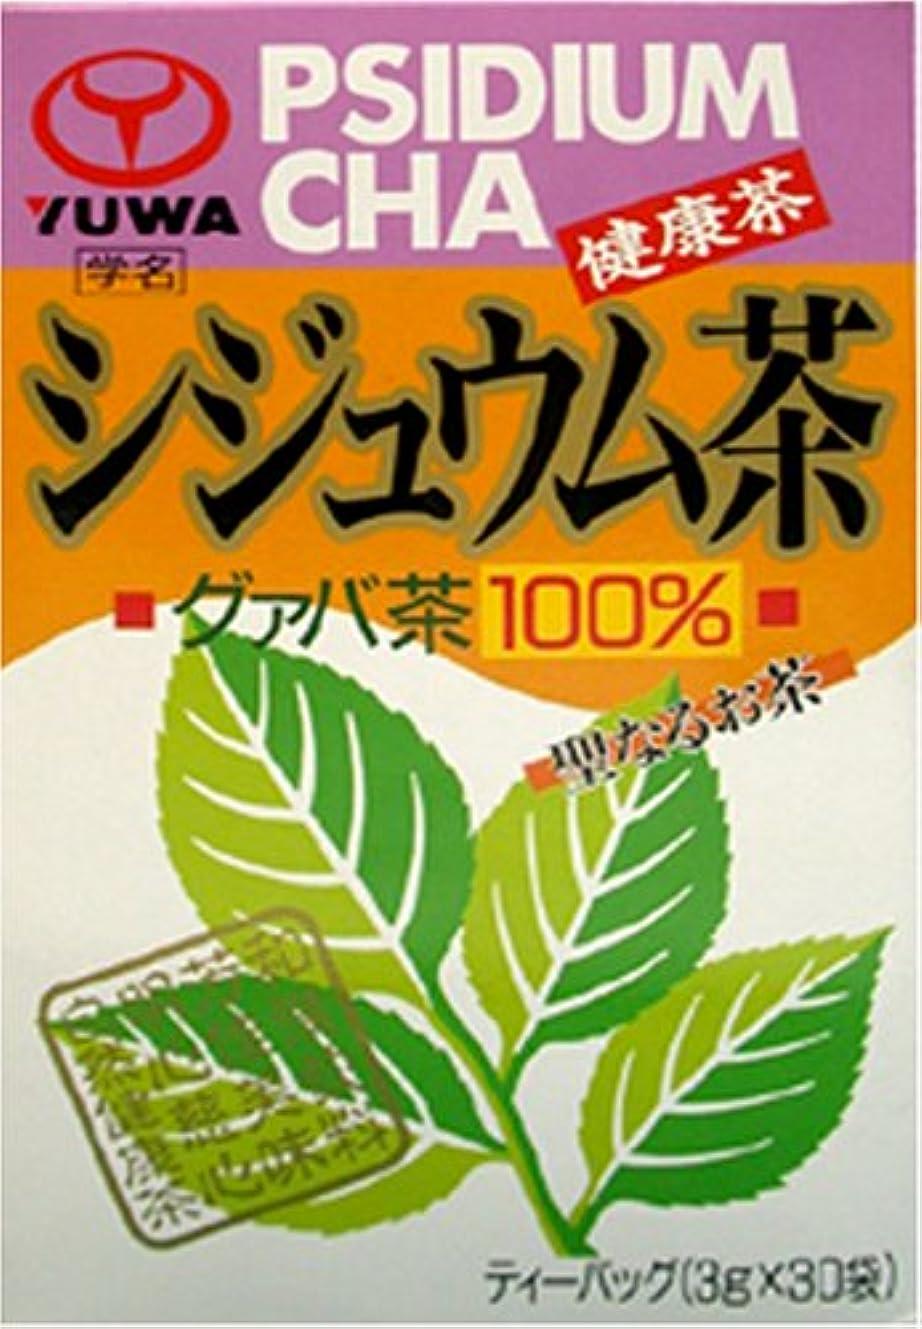 男夫優雅ユーワ シジュウム茶 30包